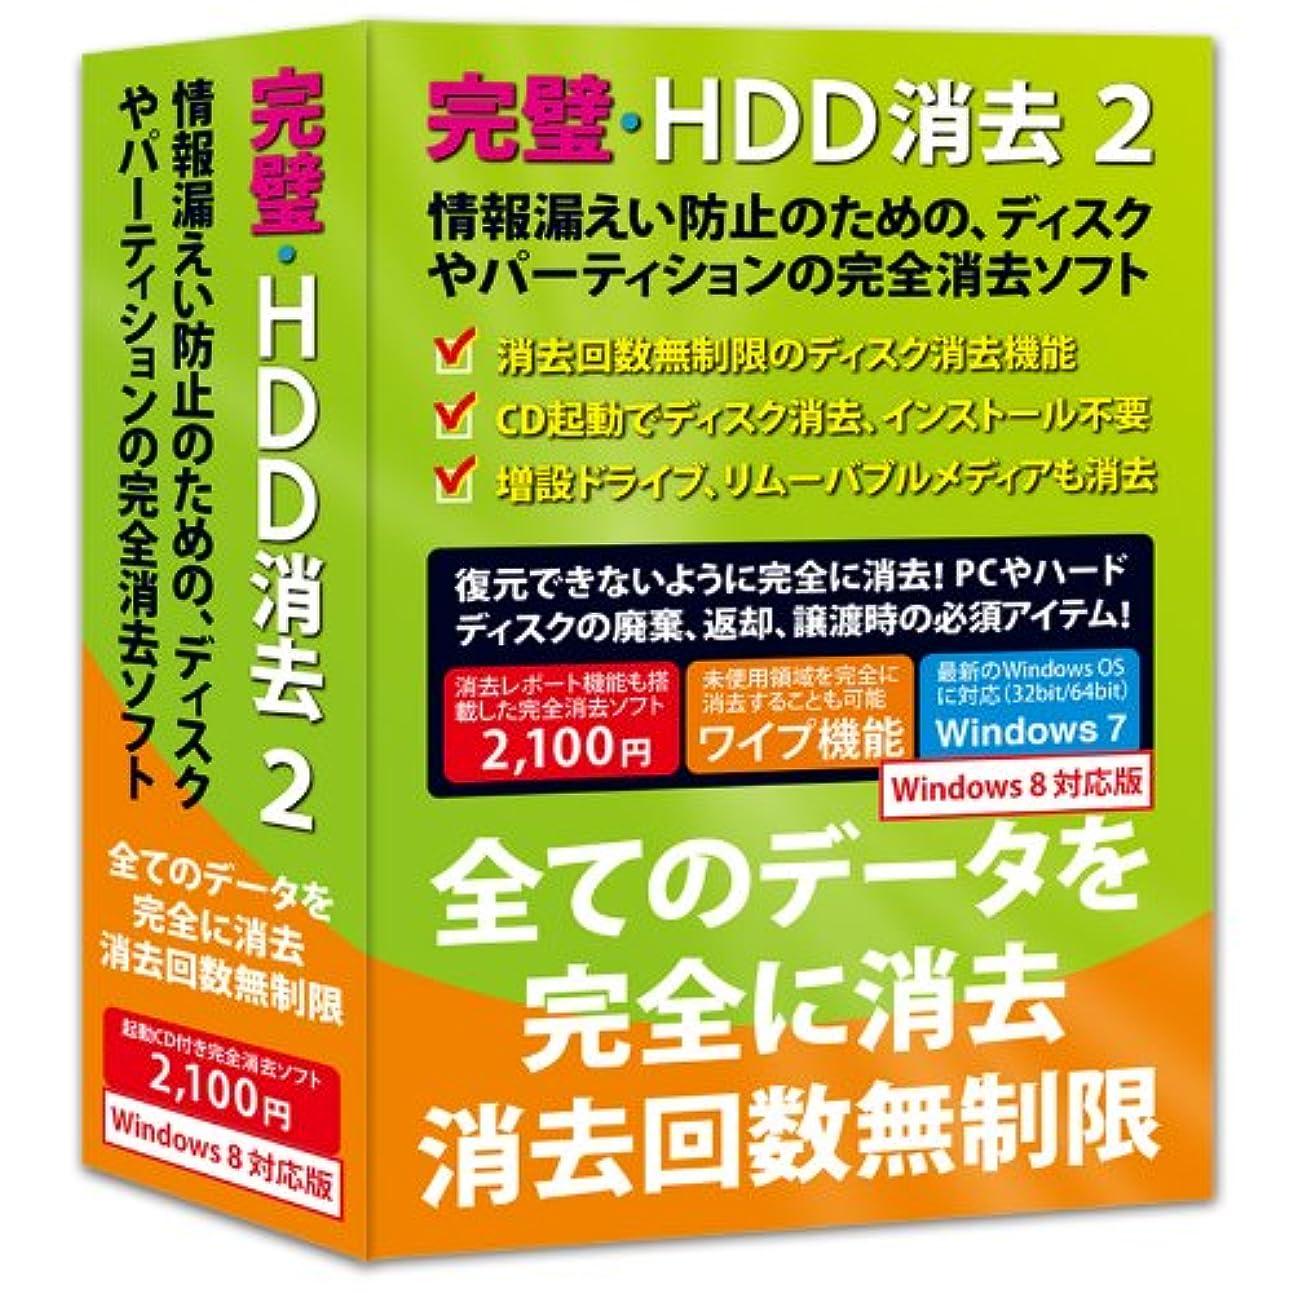 アイスクリーム思春期の平日完璧?HDD消去2 Windows8対応版